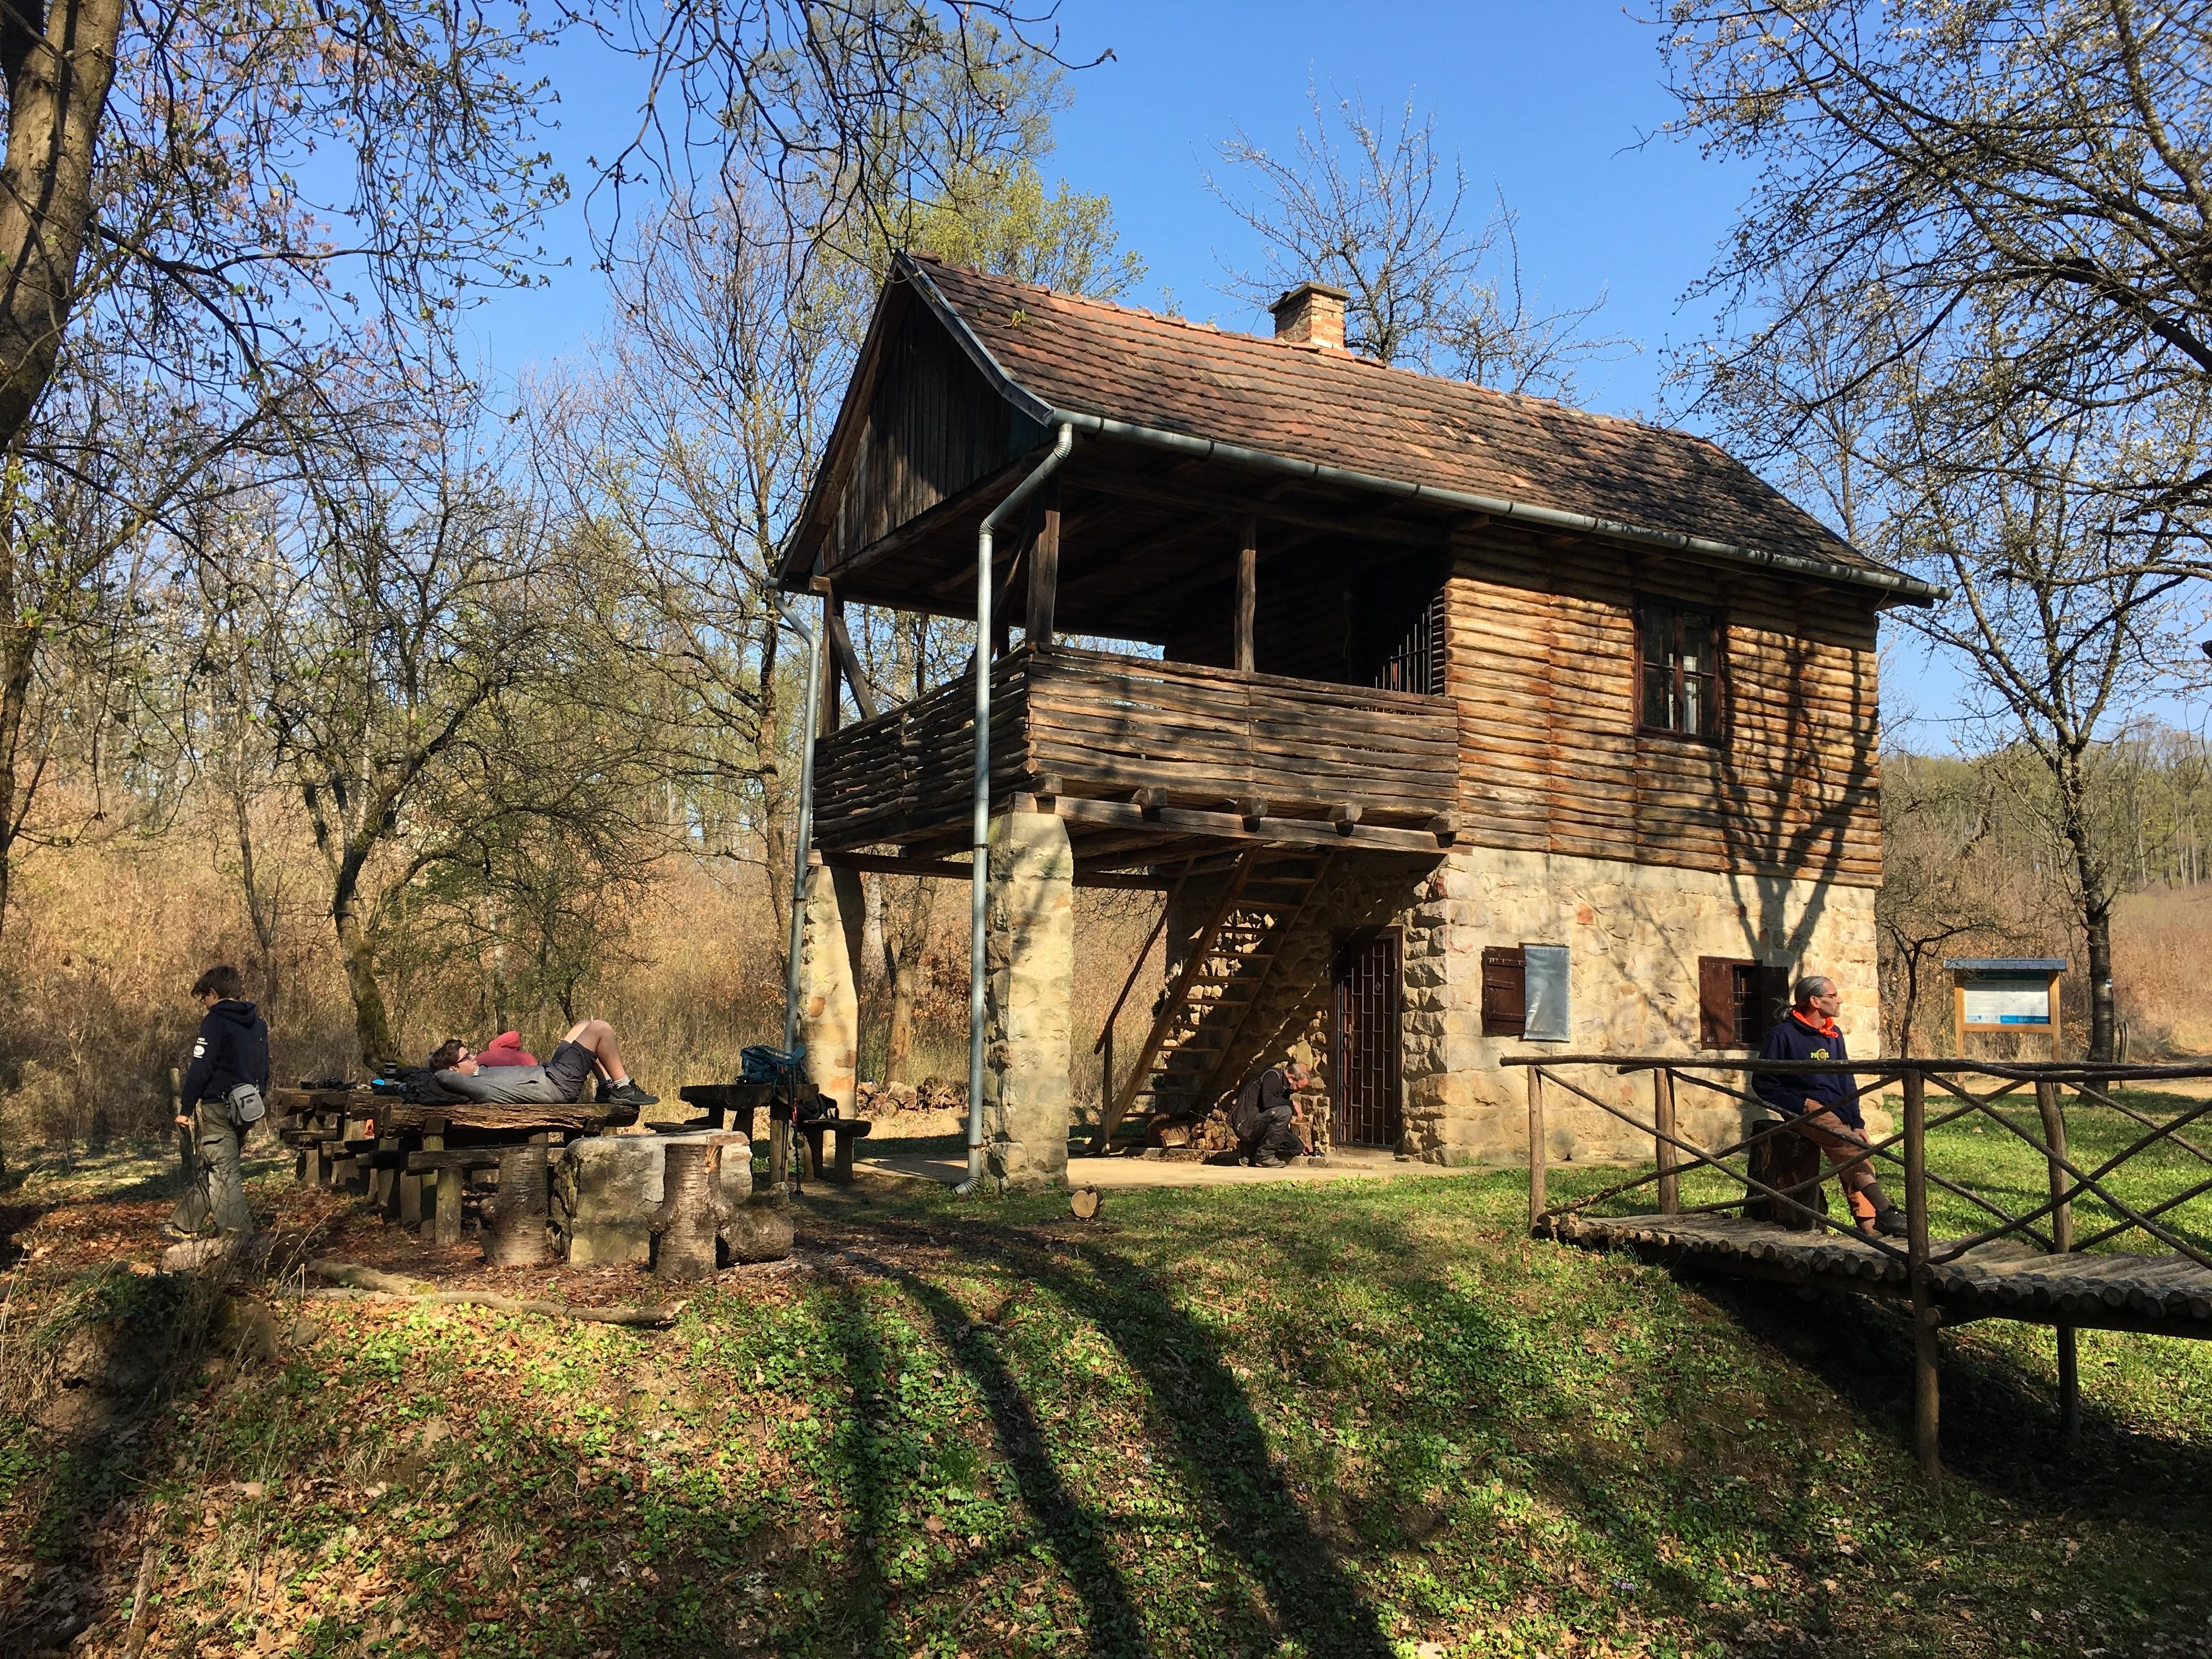 A vadászház, ami hamarosan megváltozik